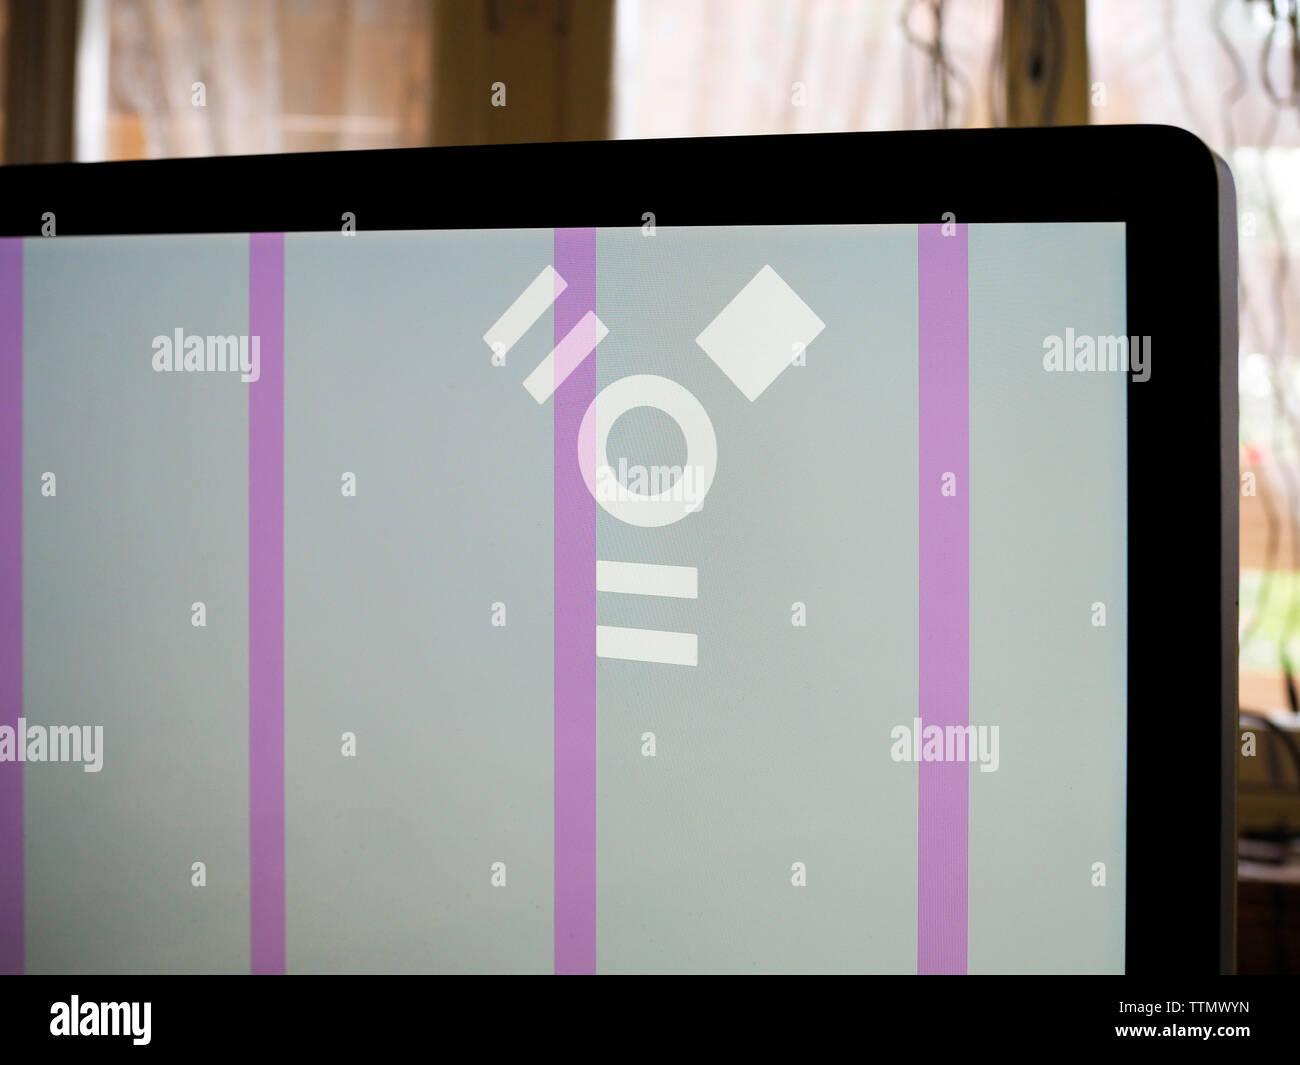 Symbol FireWire auf einem iMac-Bildschirm mit defekter Grafikkarte - Stock Image